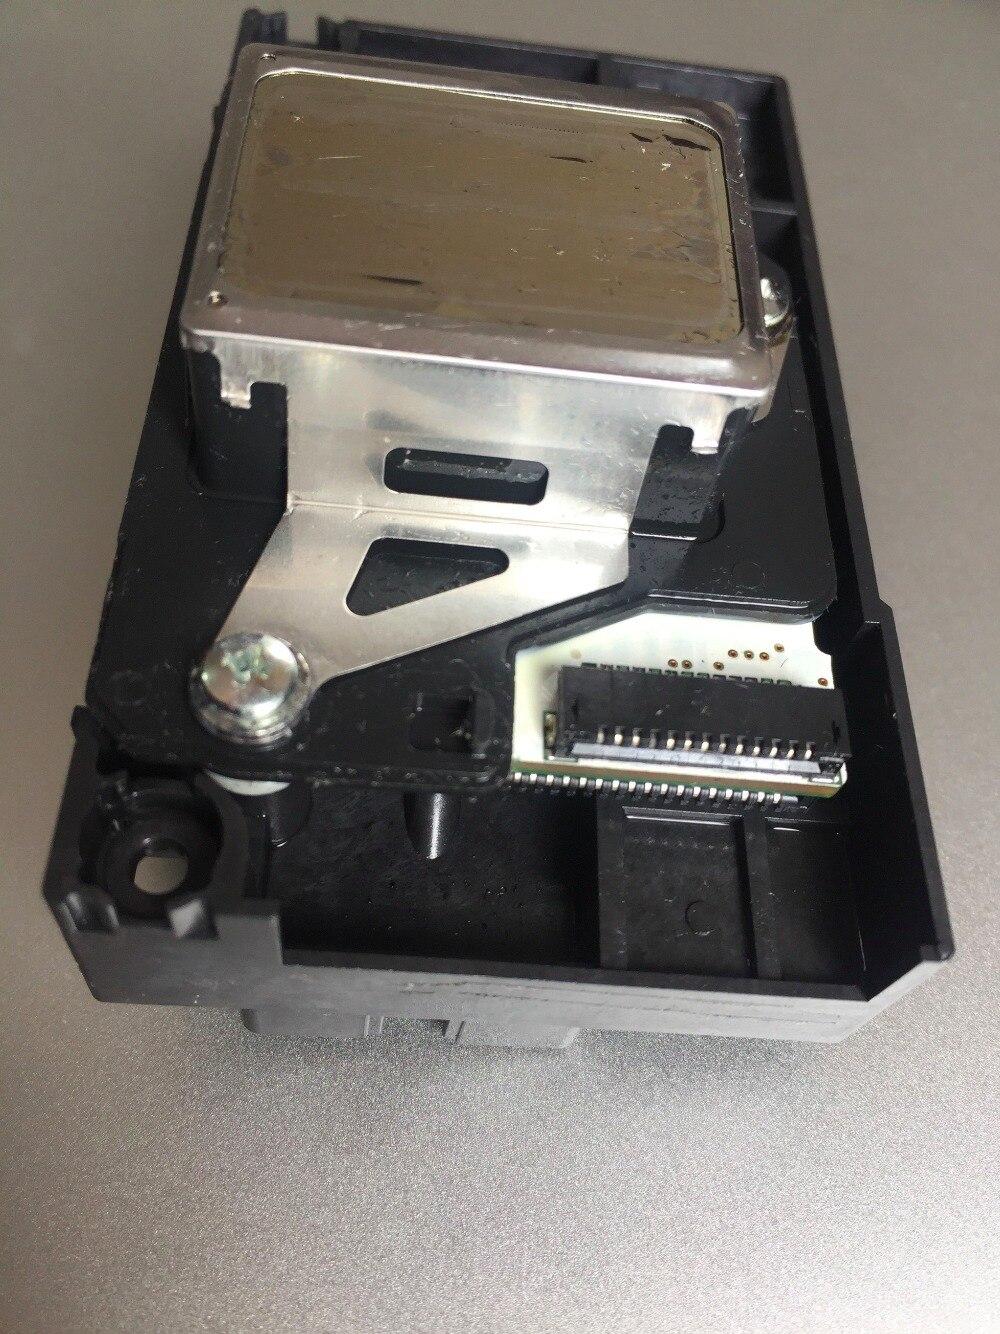 Original print head For EPSON T50 A50 P50 P60 A60 T59 T60 r295 t60 t50 tx650 Printer Head----F180000 L810 Printer